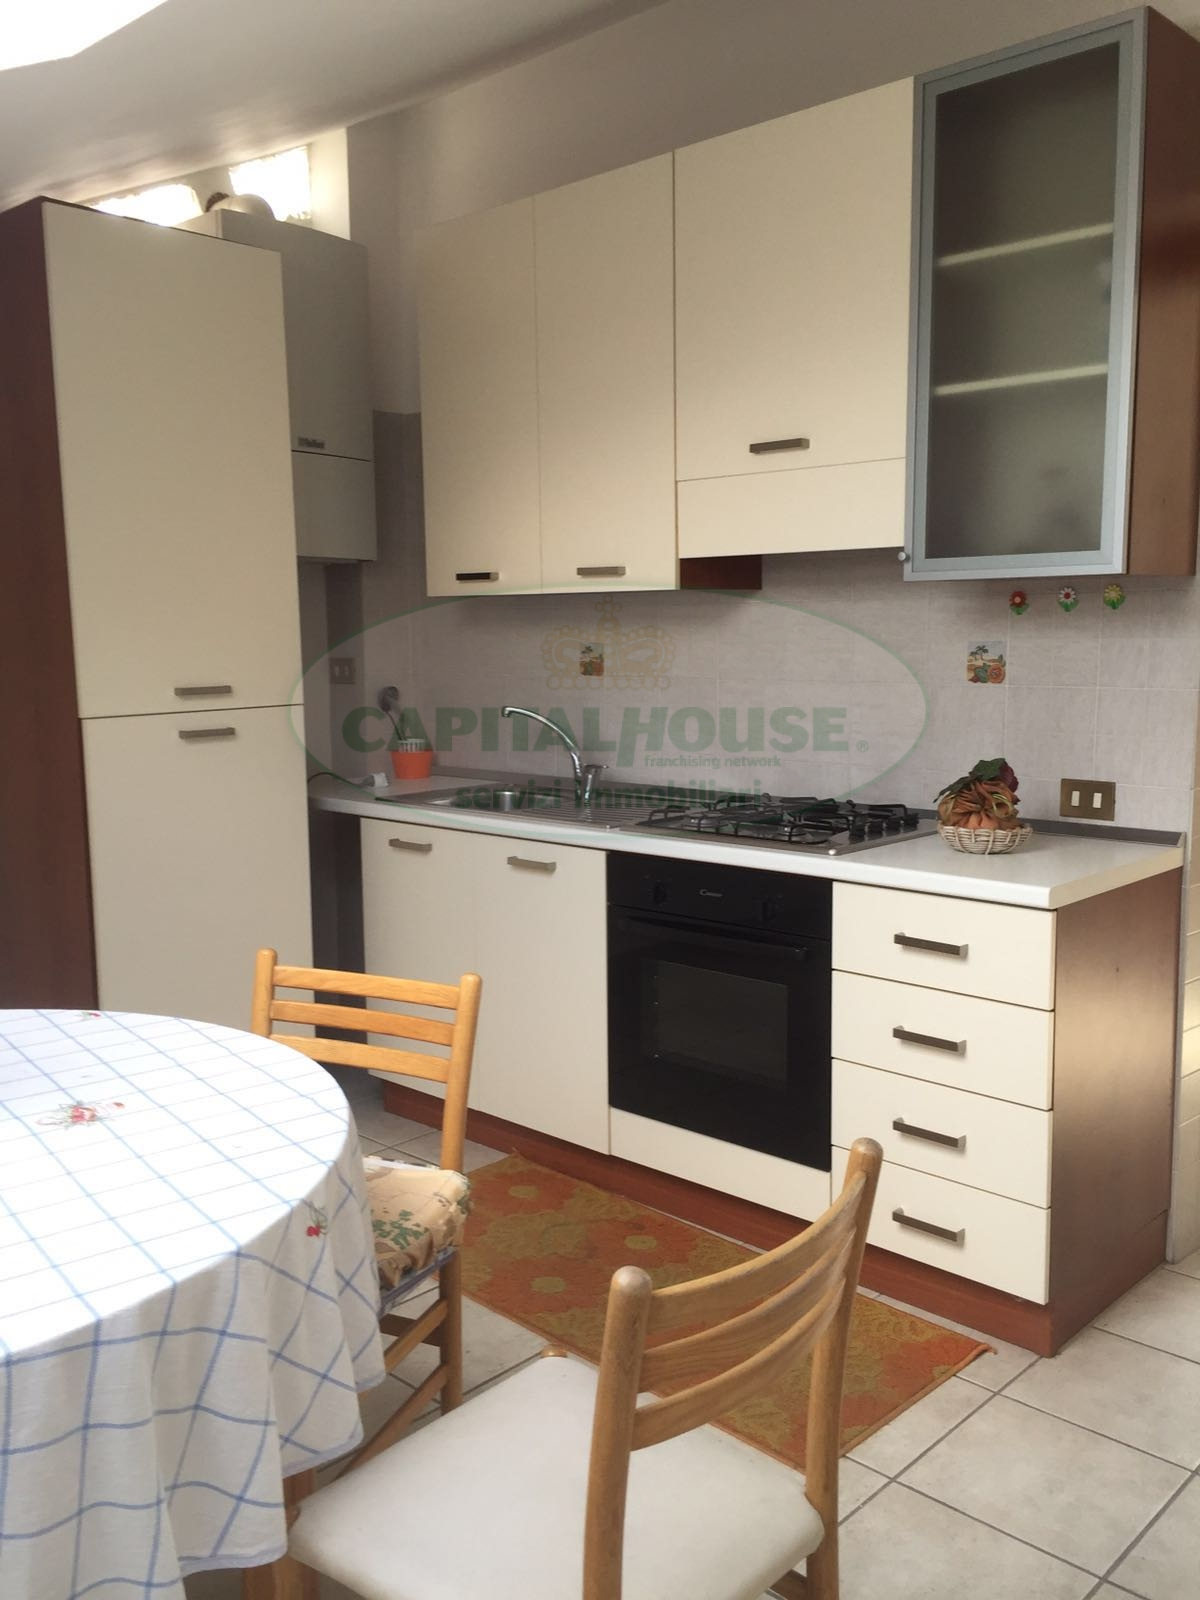 Attico / Mansarda in affitto a Avellino, 2 locali, zona Zona: Valle, prezzo € 360 | CambioCasa.it